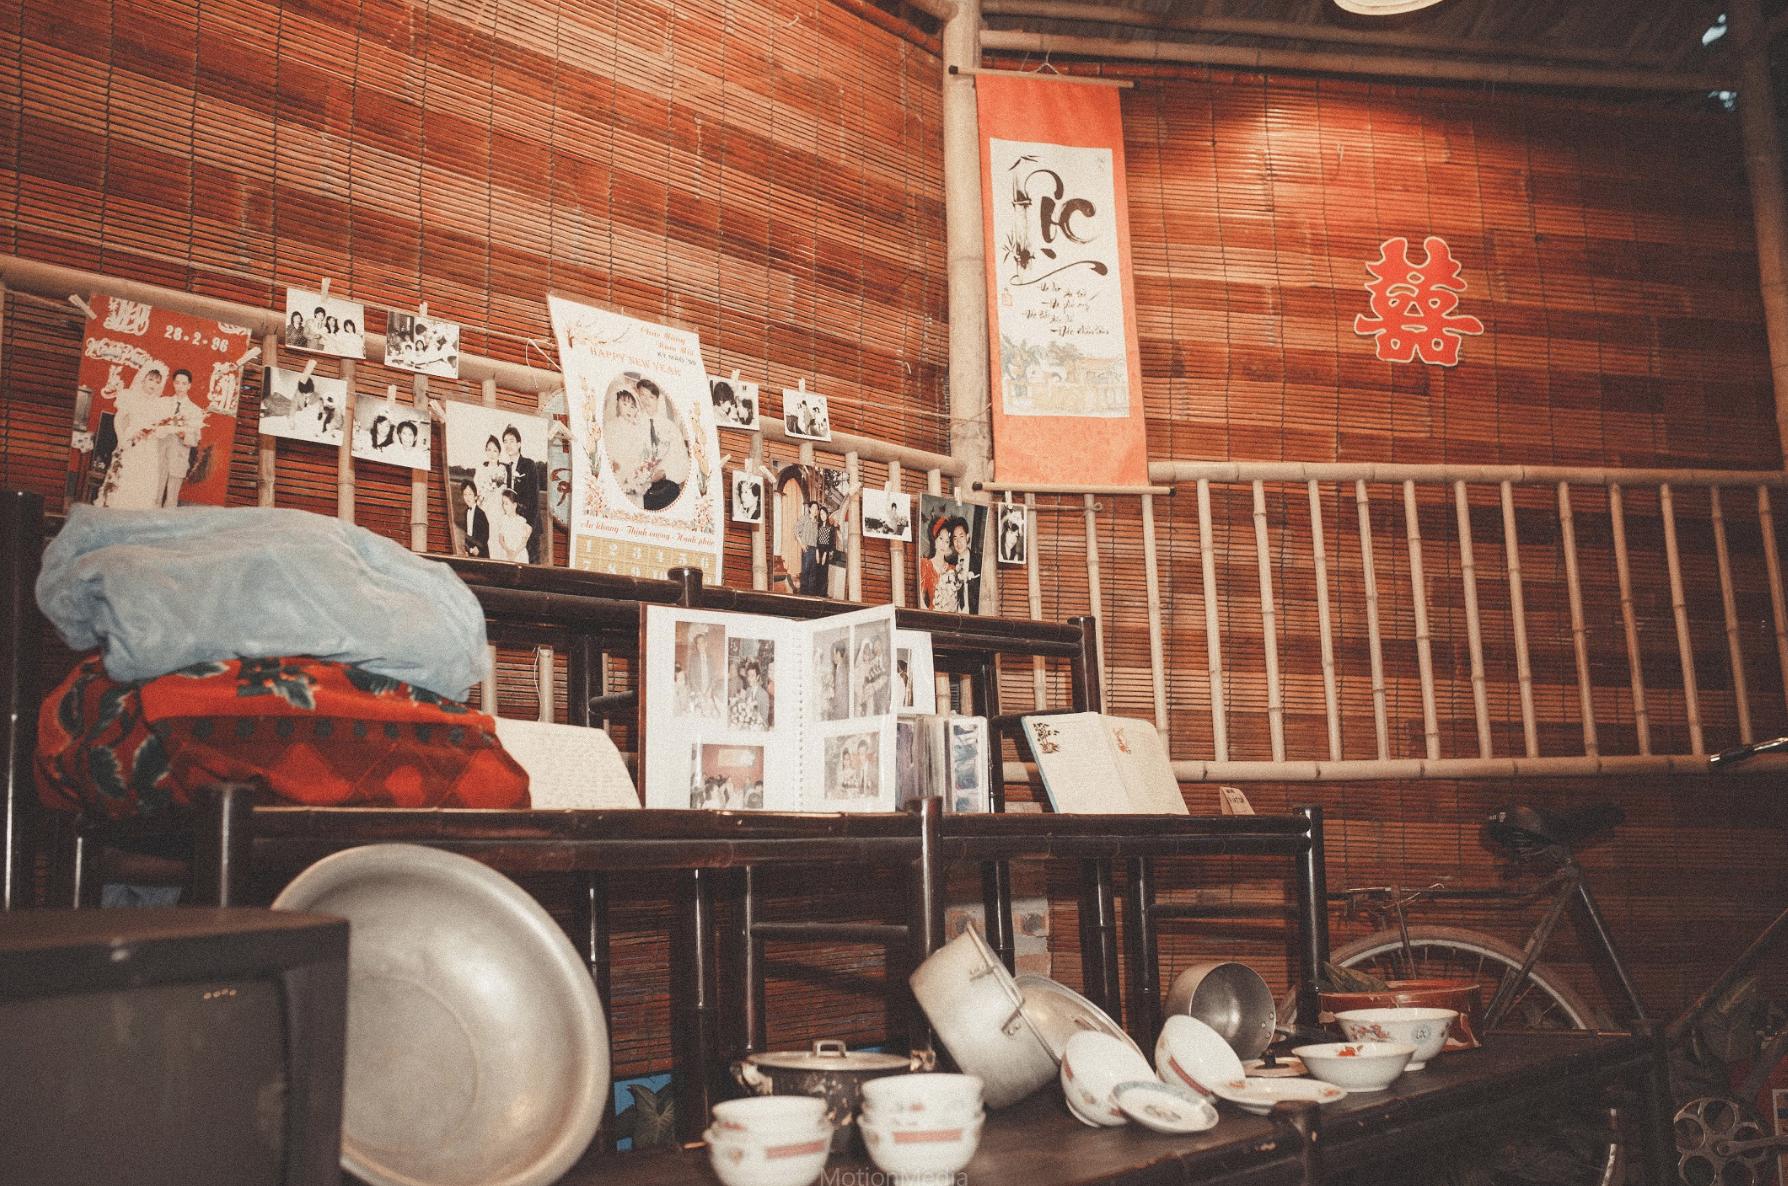 Sinh viên báo chí tổ chức triển lãm không gian cưới thập niên 80s, 90s ngay giữa lòng Hà Nội - Ảnh 10.